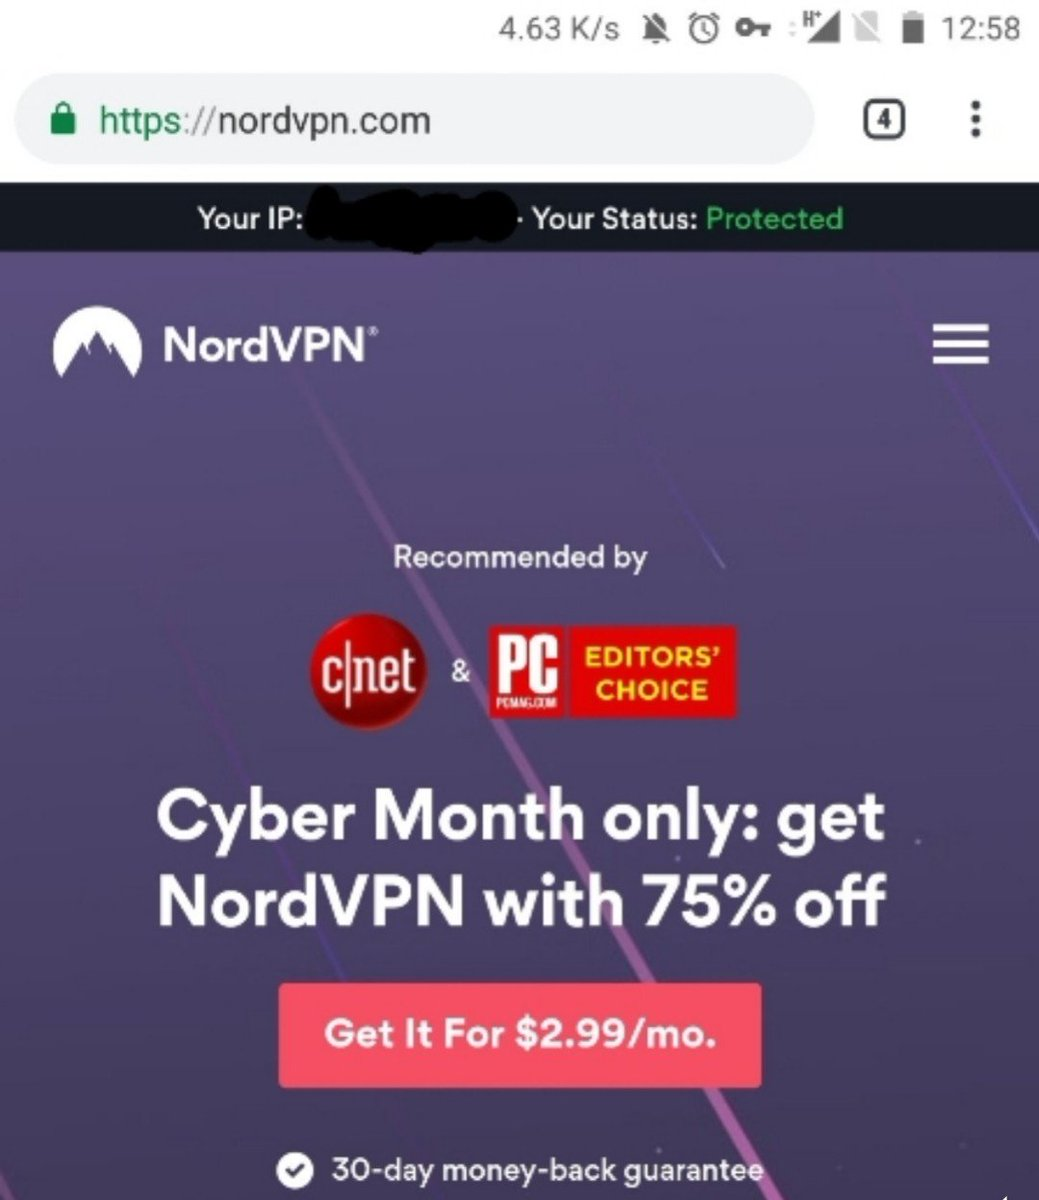 NordVPN on Twitter: